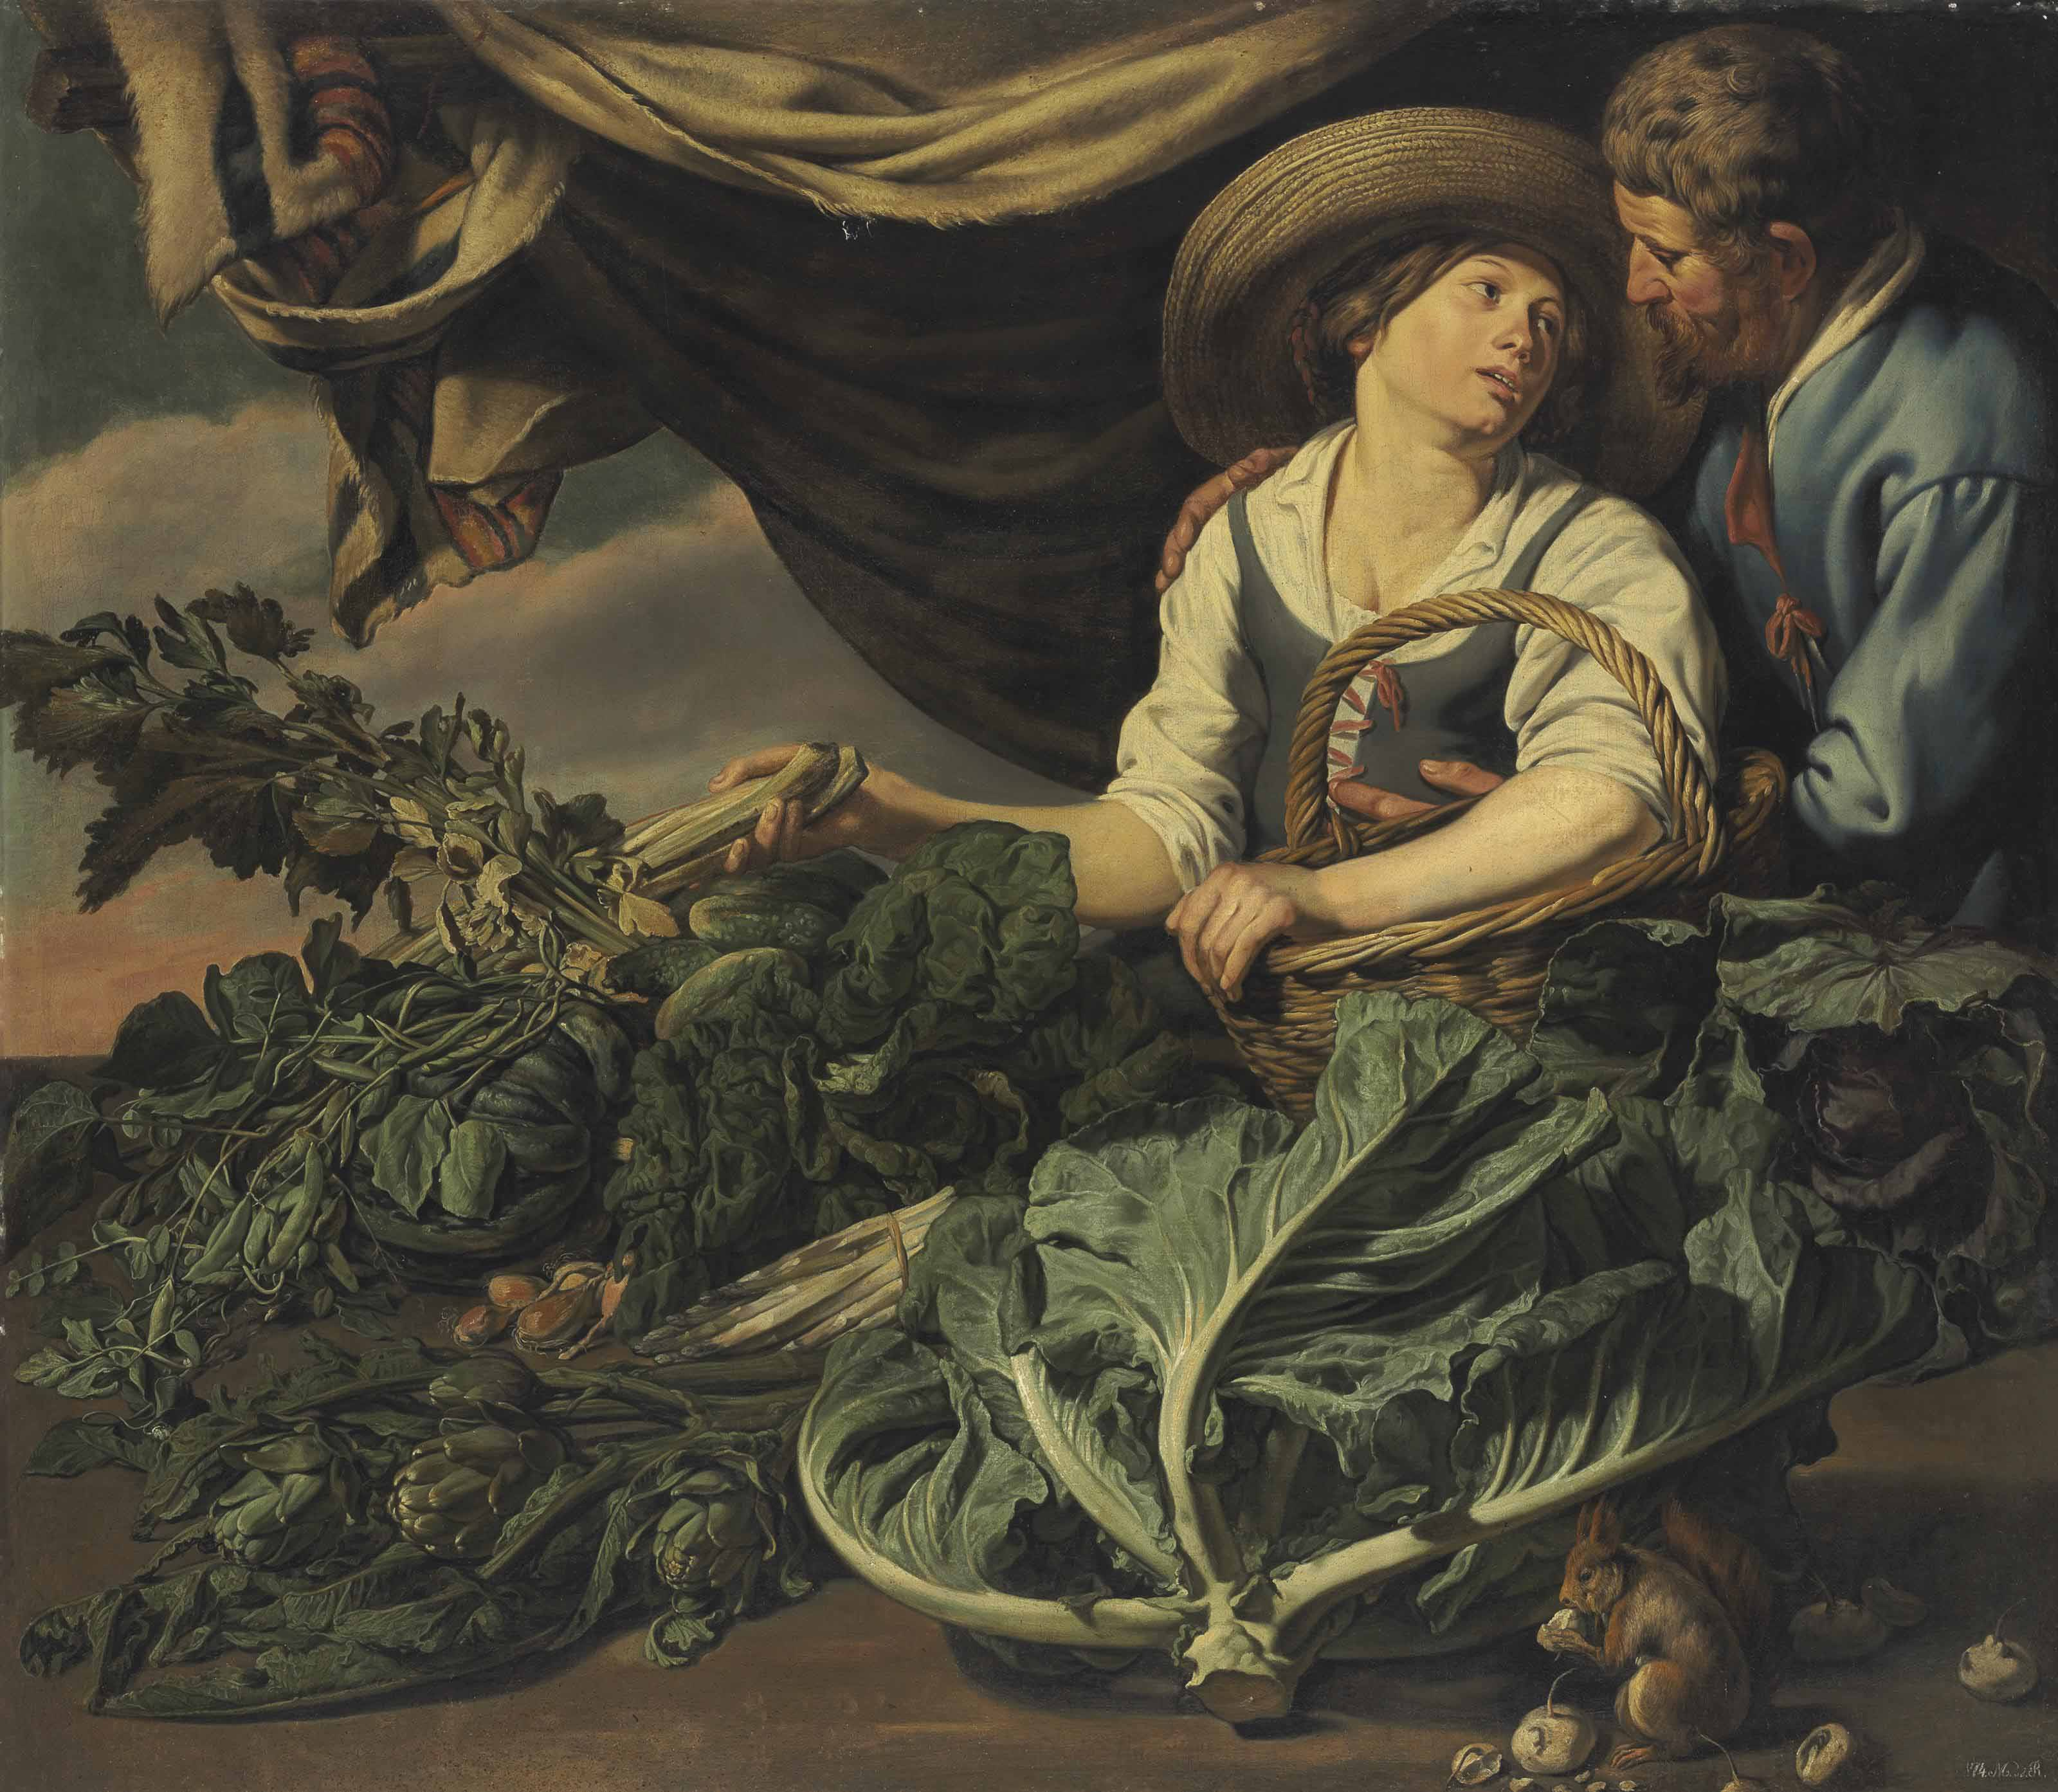 Adriaen Van Utrecht (Antwerp 1599-1652) and Theodoor Rombouts (Antwerp 1597-1637)